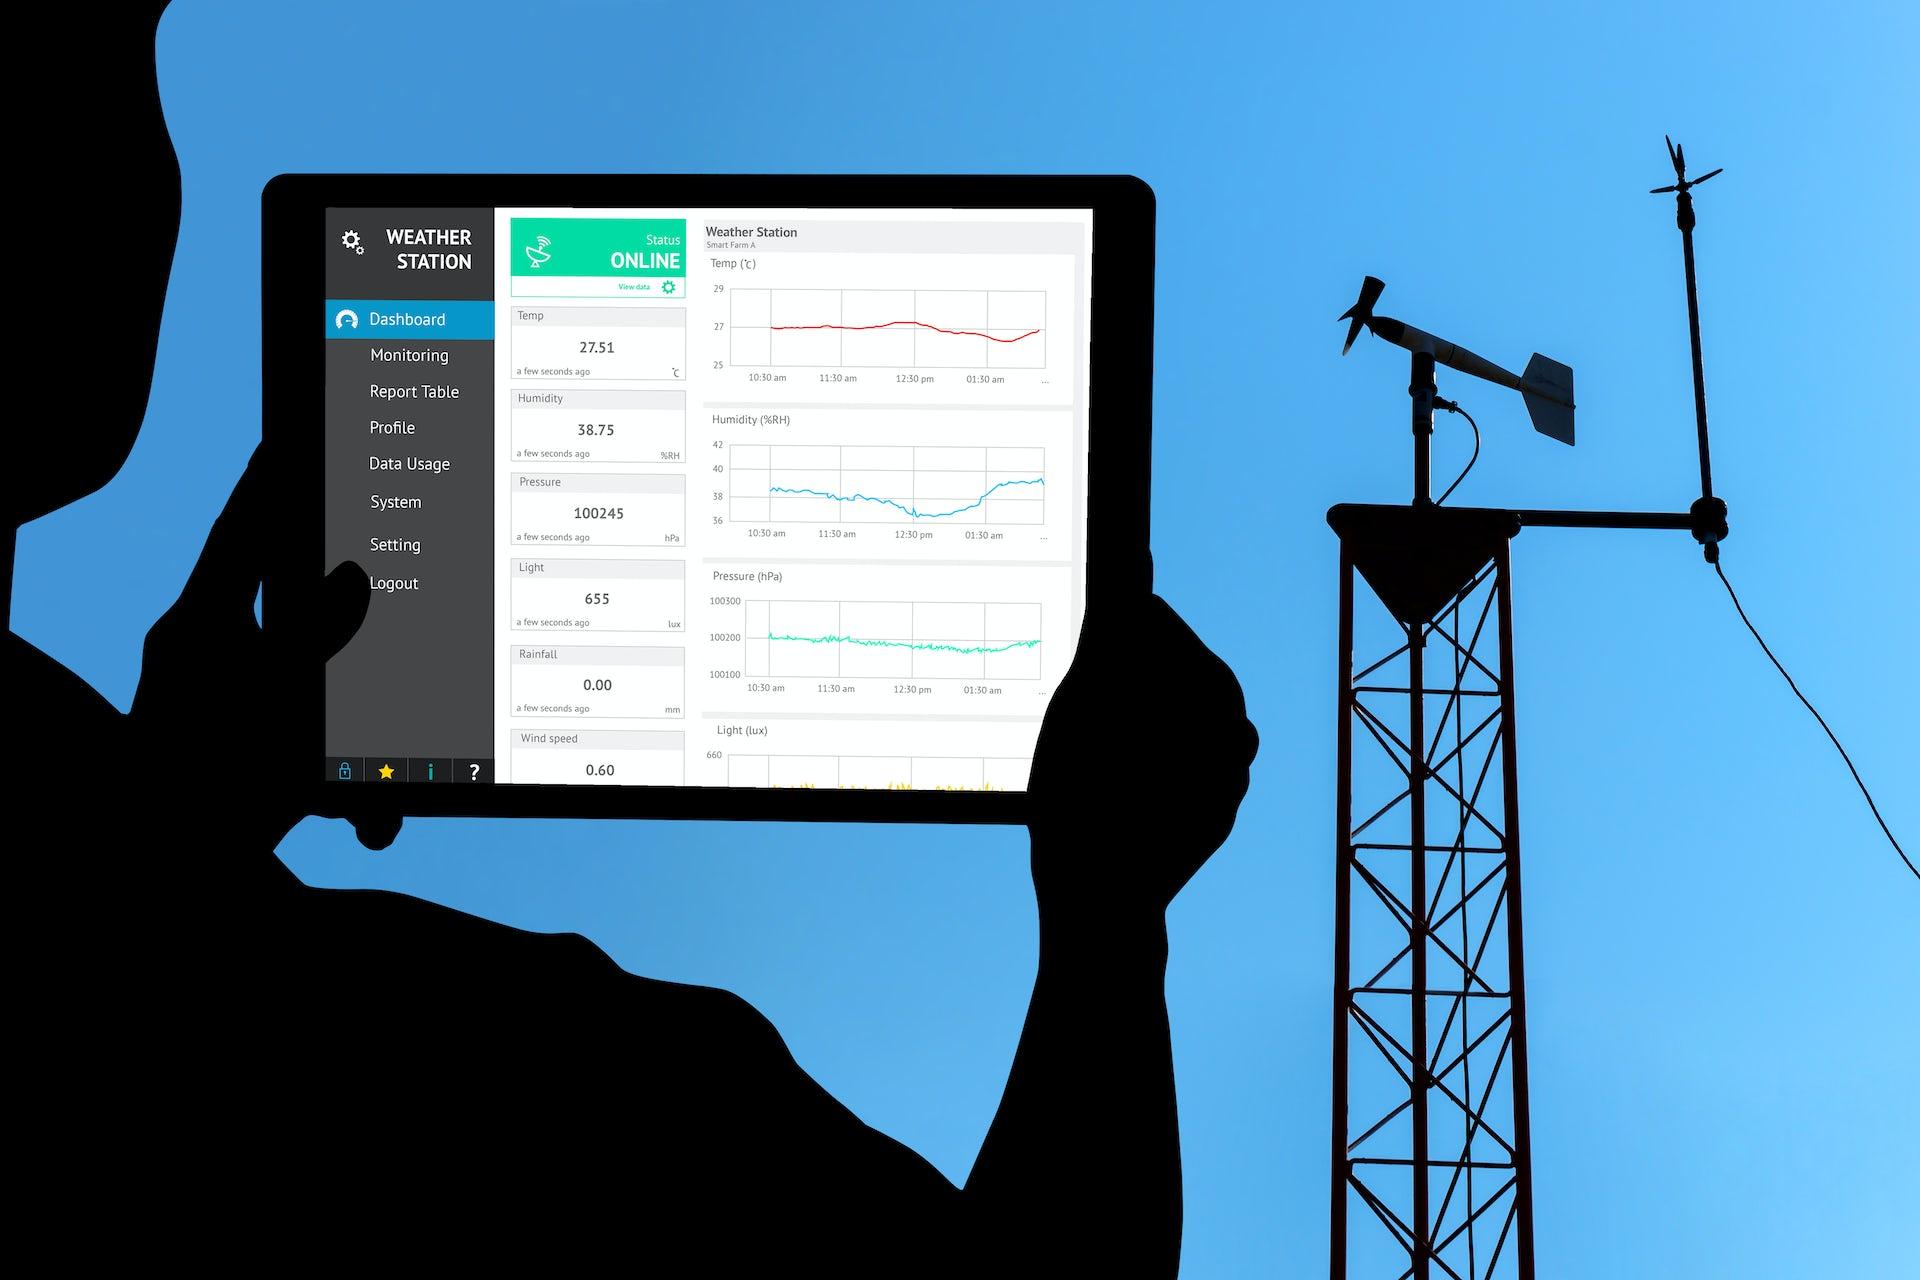 ¿Puede la 5G interferir con los sistemas de predicción del tiempo meteorológico?